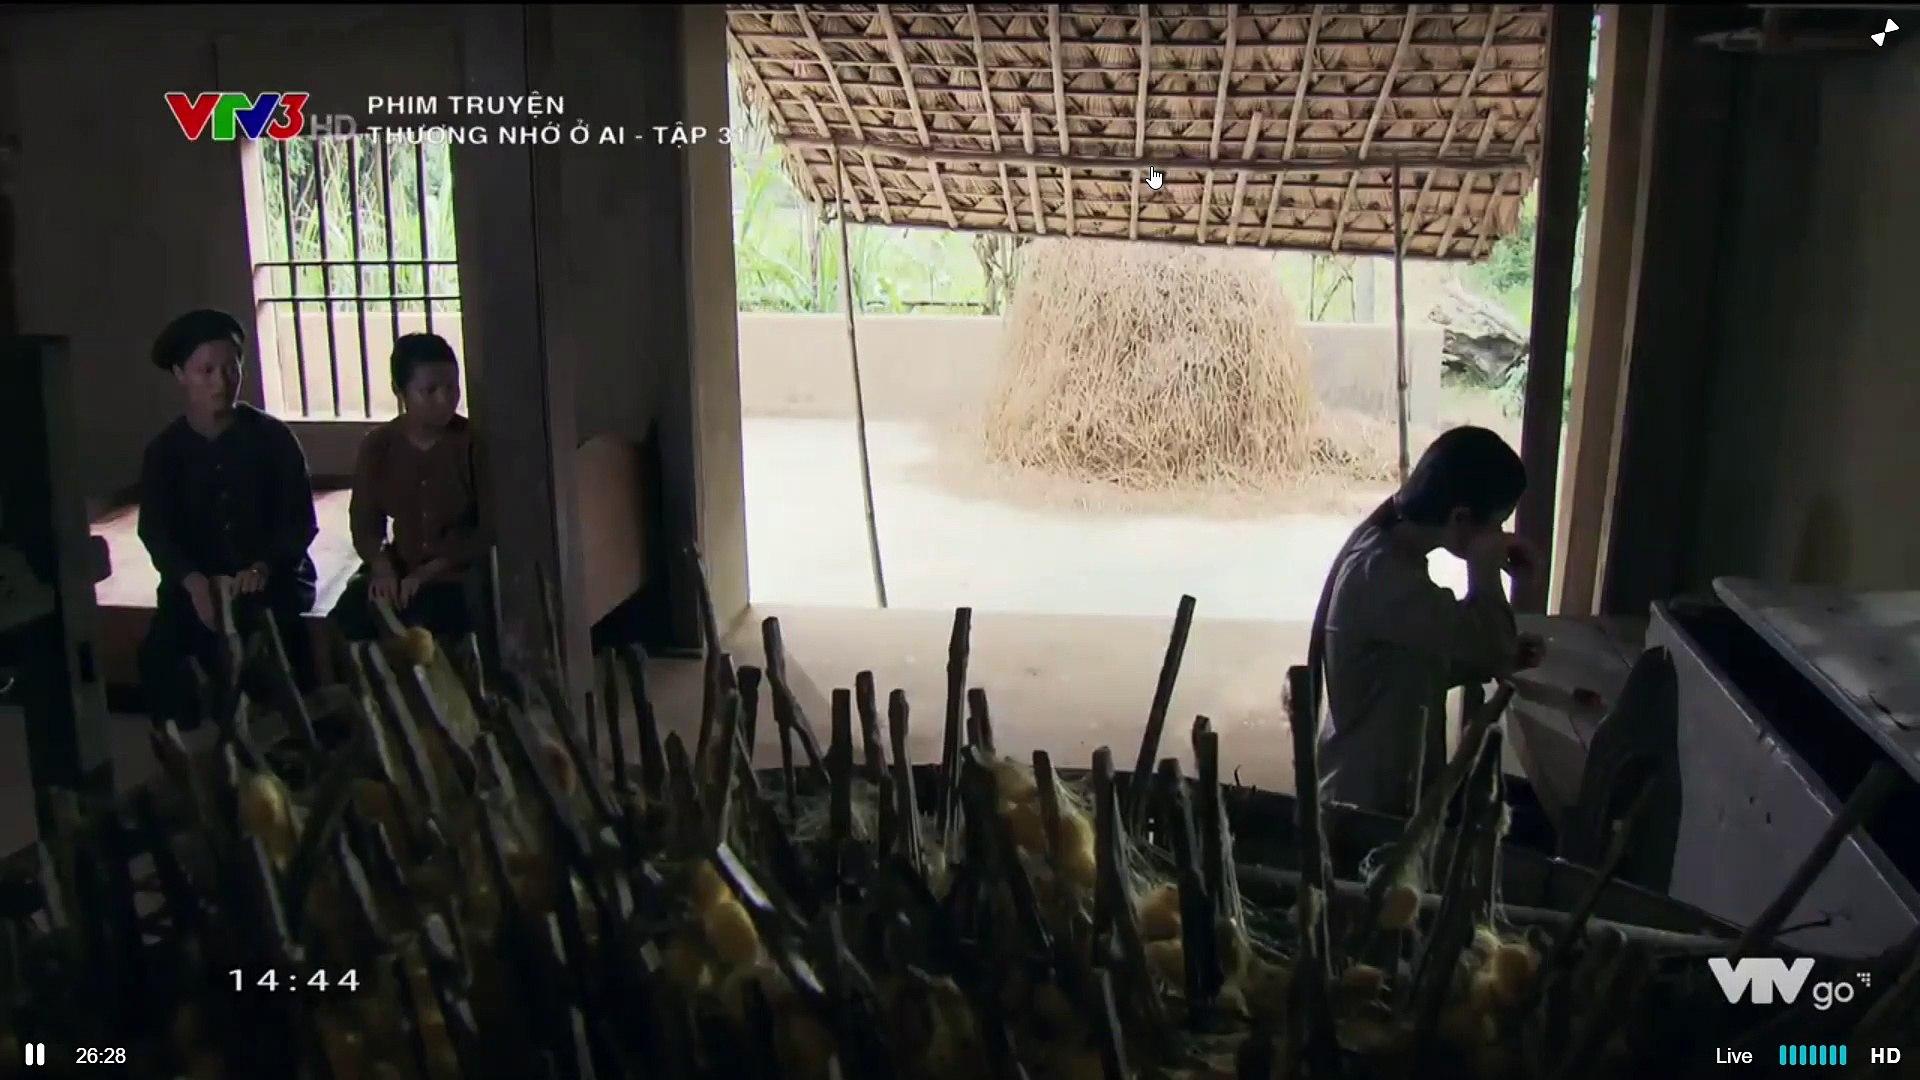 Thương Nhớ Ở Ai Tập 31 Full (P2) - Thuong Nho O Ai 31  | Phim VTV3